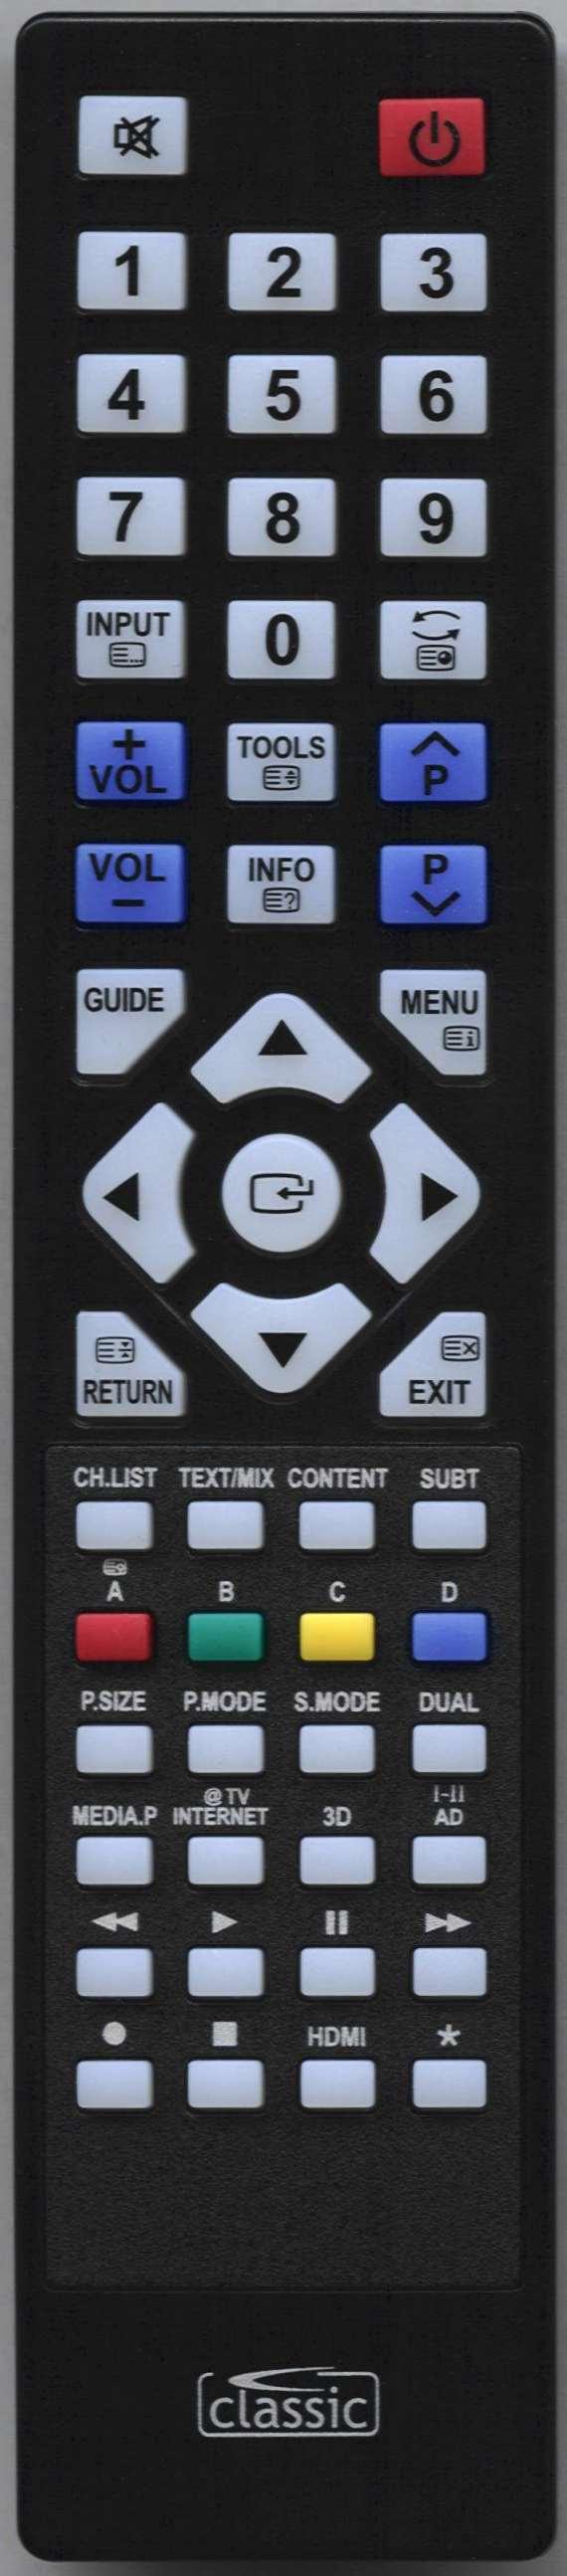 SAMSUNG LE32C530F1W Remote Control Alternative